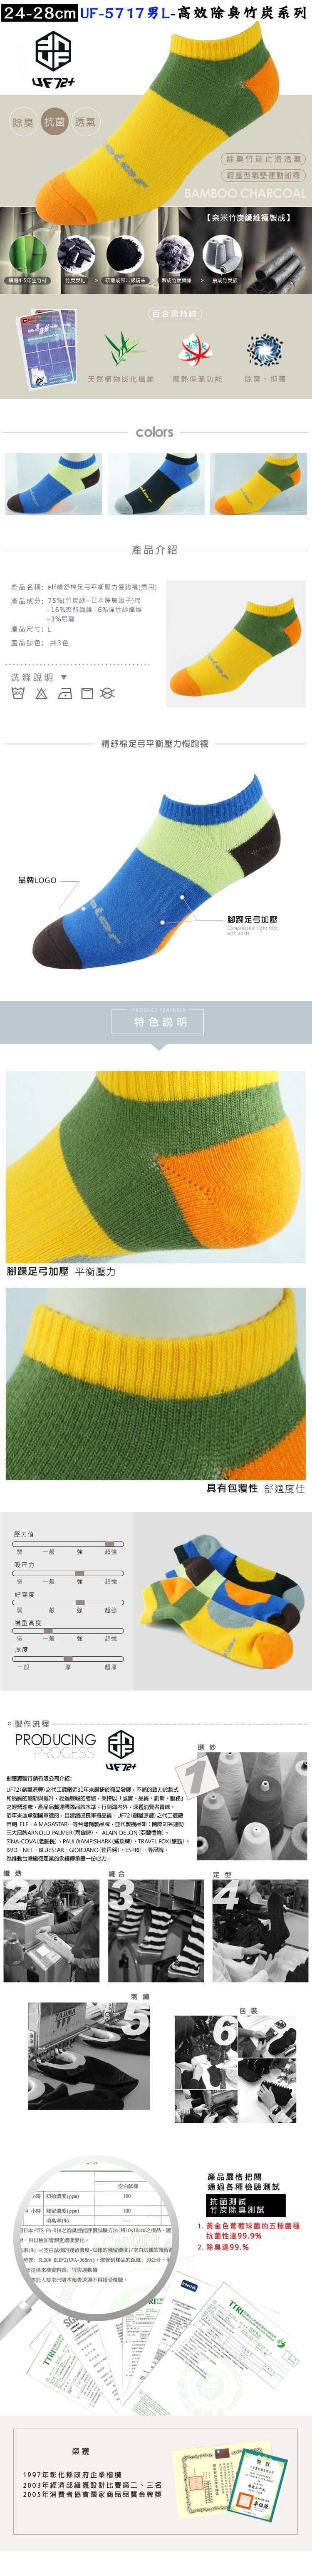 【UF72+】UF5717 elf精舒棉足弓平衡壓力慢跑男女襪 1